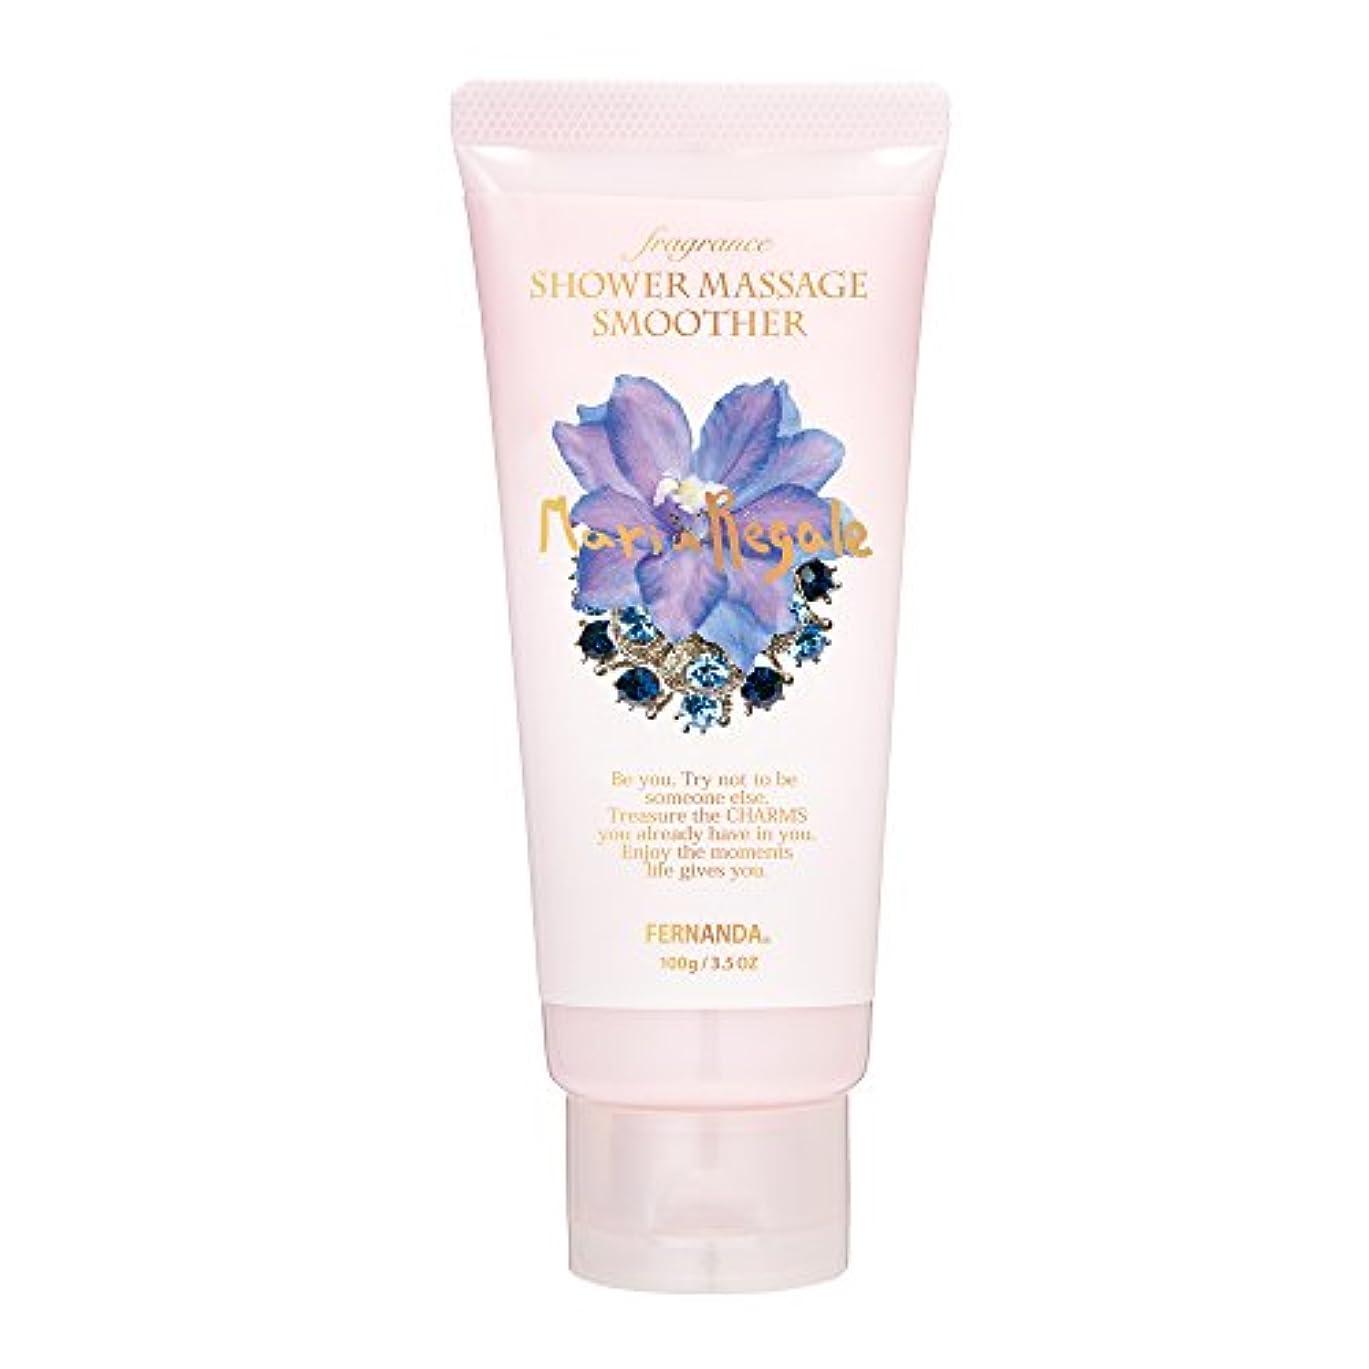 虹死の顎話をするFERNANDA(フェルナンダ) Fragrance Shower Massage Smoother Maria Regale (シャワーマッサージスムーサー マリアリゲル)